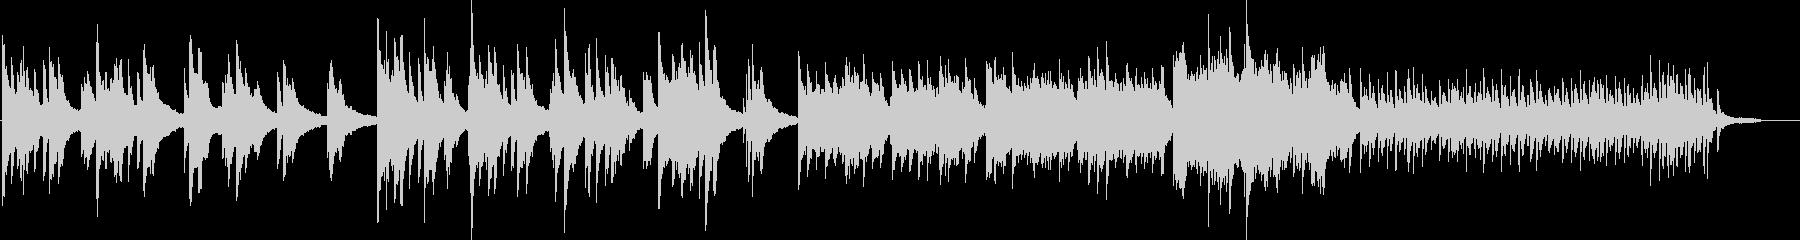 ピアノの優しい曲05の未再生の波形